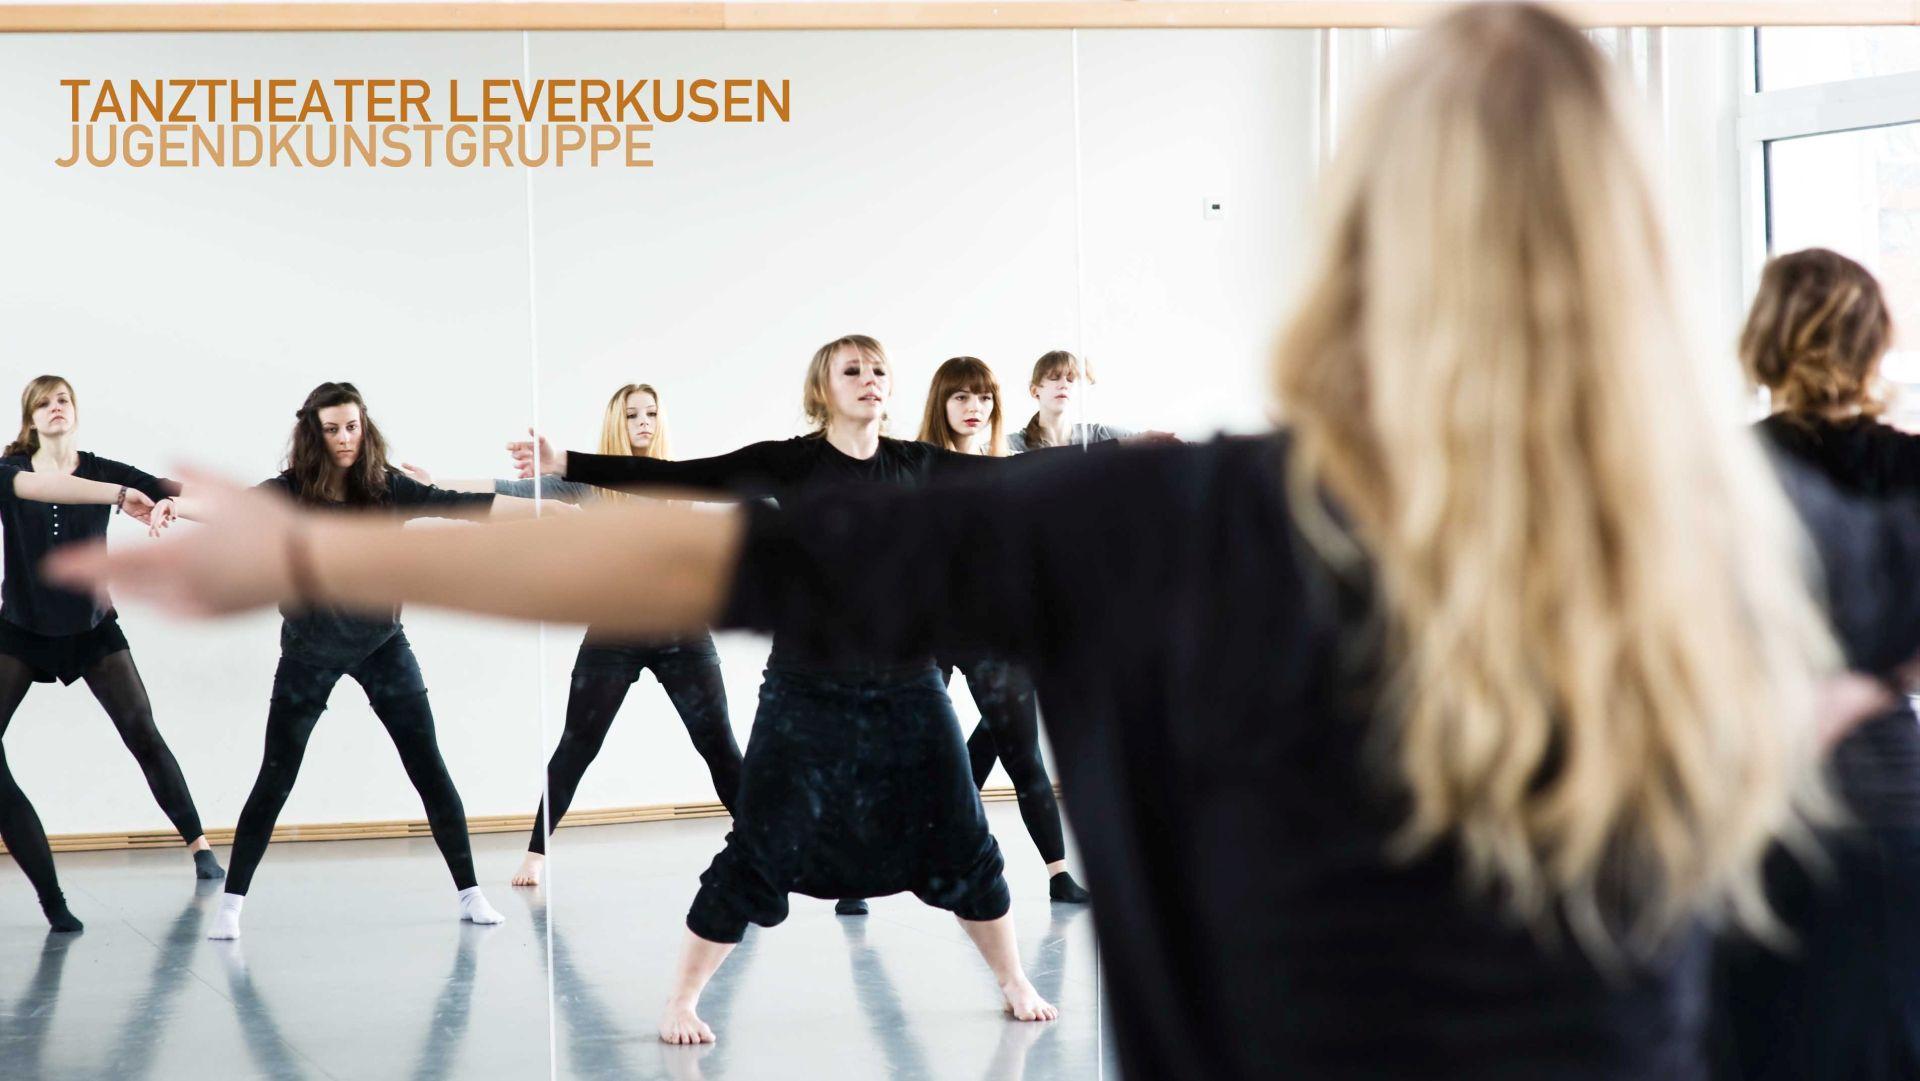 tanztheater-11